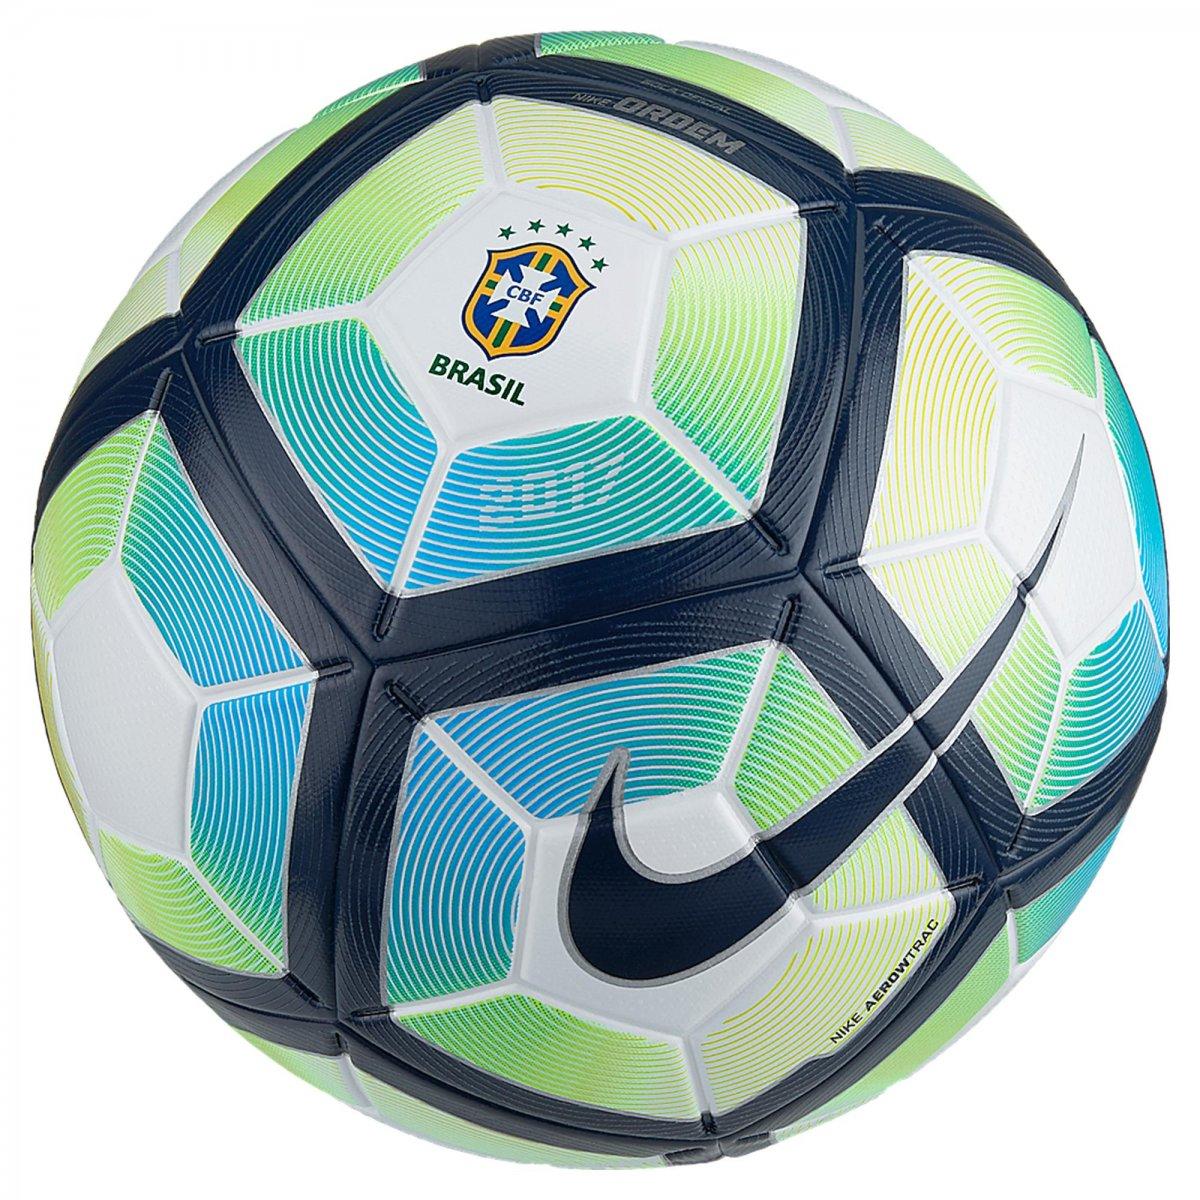 a035a85ecd8f7 Bola Campo Nike CBF Ordem 4 SC3072-100 - Branco Azul Verde ...